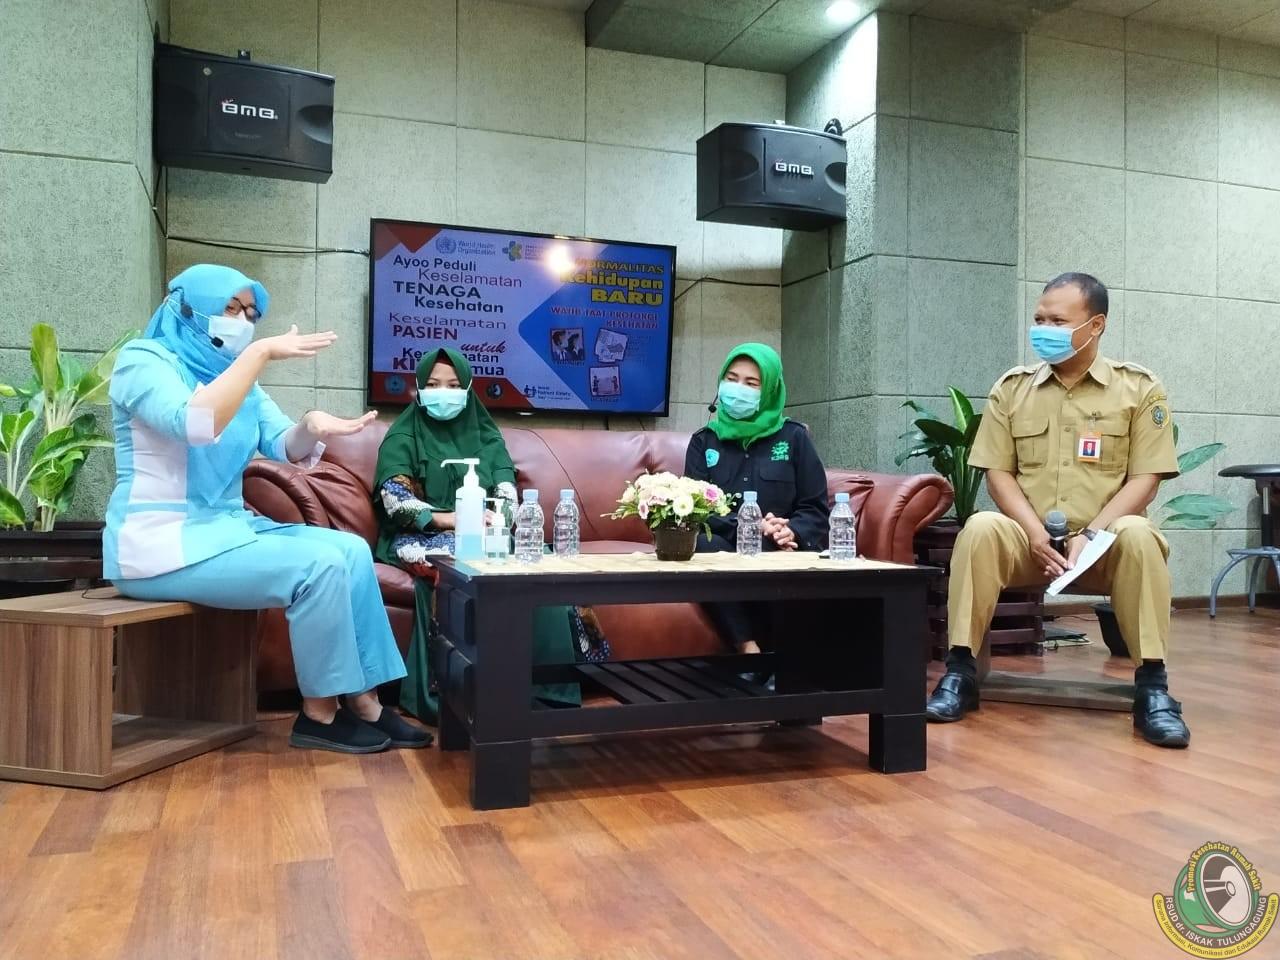 Gerakan Peduli Keselamatan Pasien dan Tenaga Kerja di RSUD dr. Iskak Tulungagung